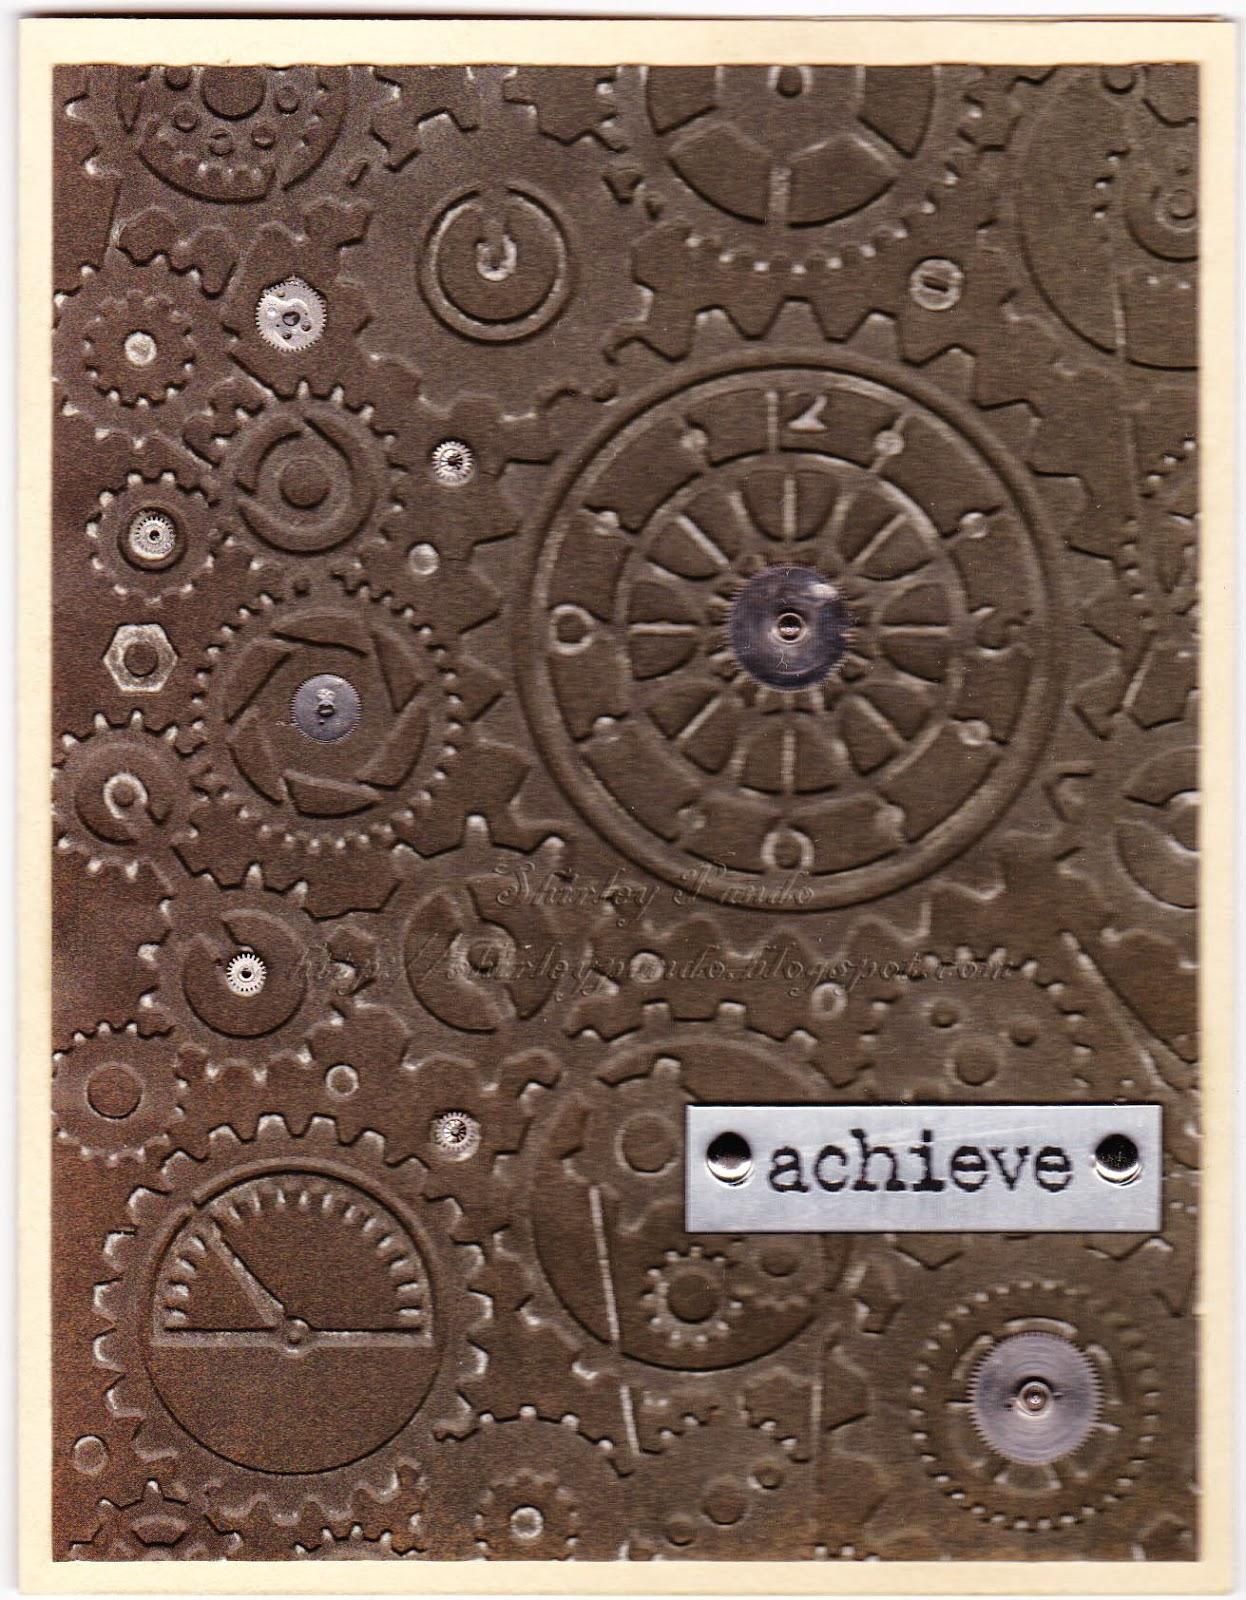 Achieve masculine card